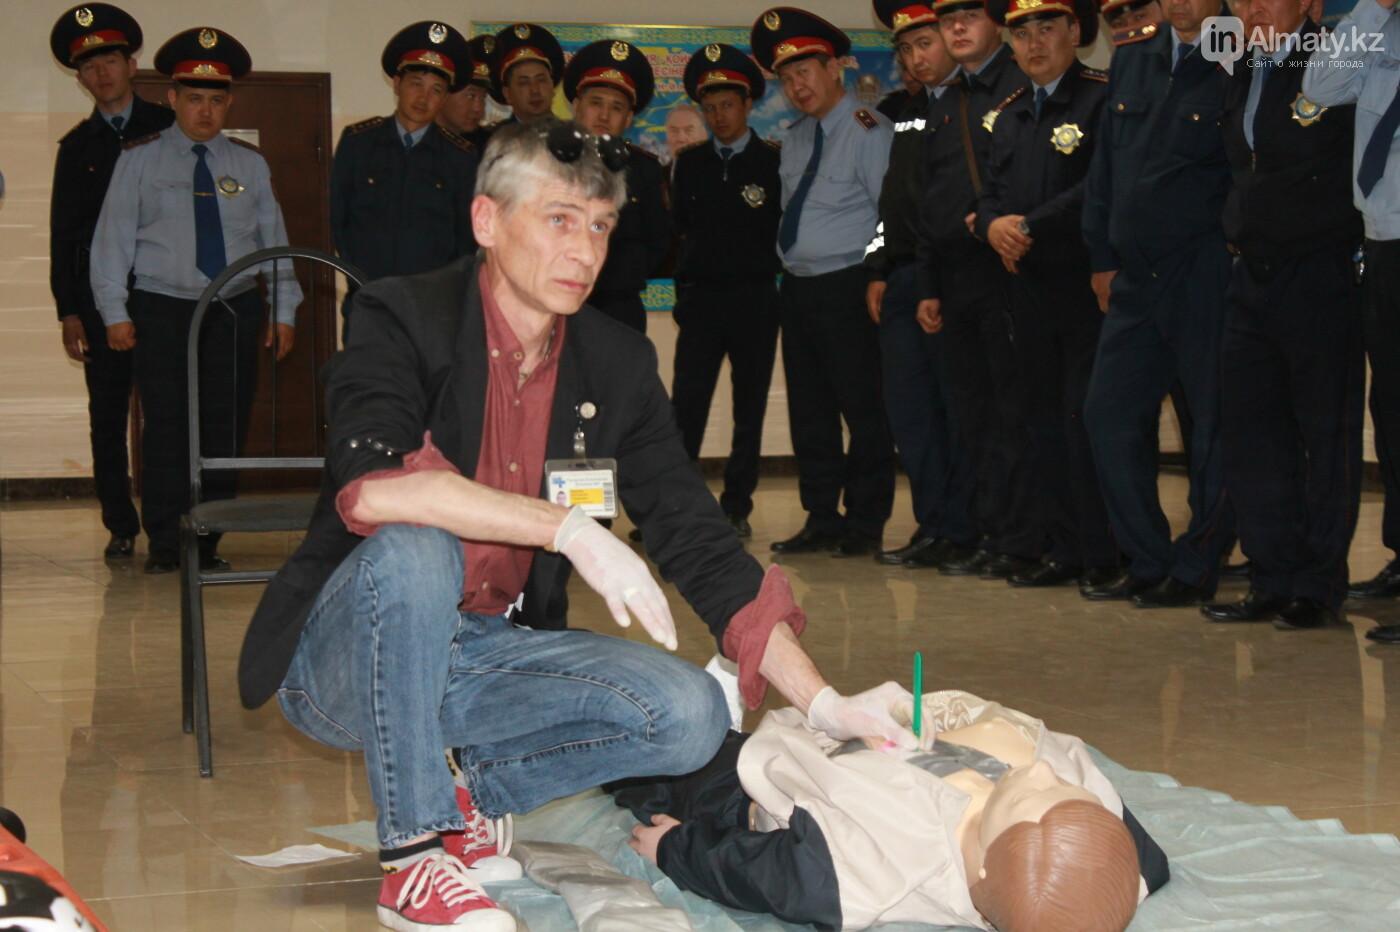 Водителей автобусов и полицейских Алматы учат оказывать первую помощь при ДТП, фото-10